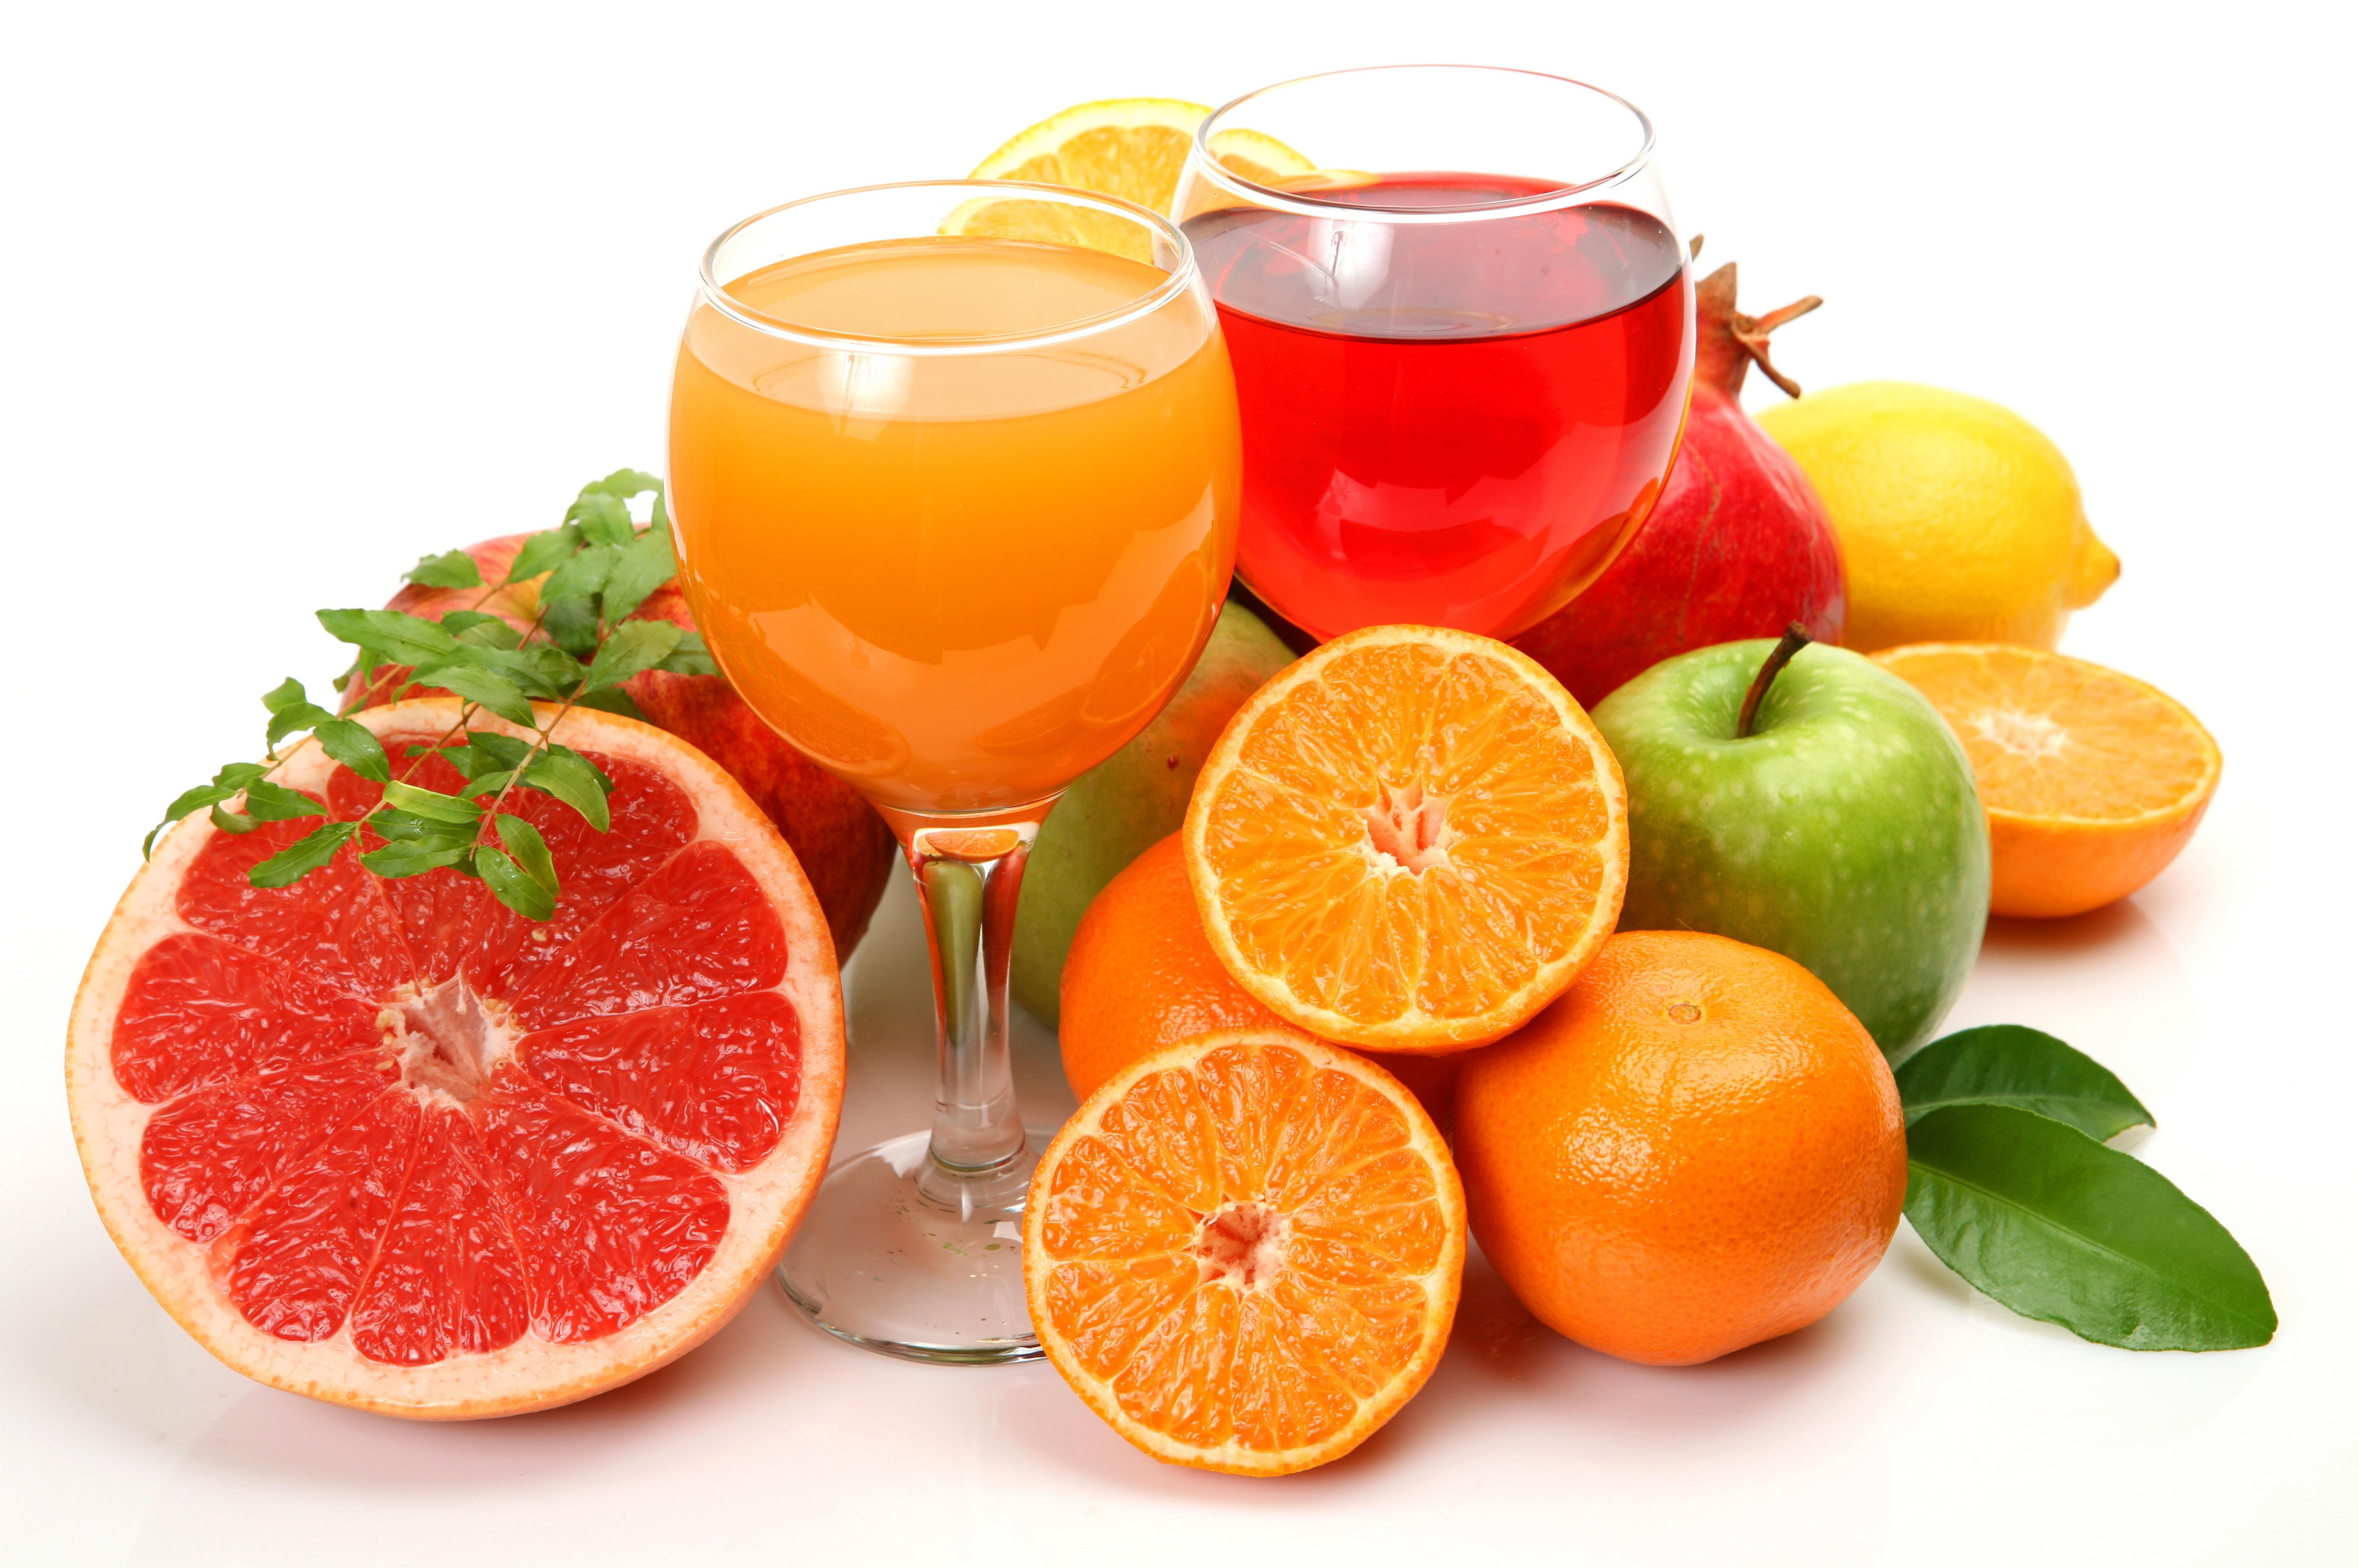 сок яблоки цитрусы помидоры  № 2265262 загрузить